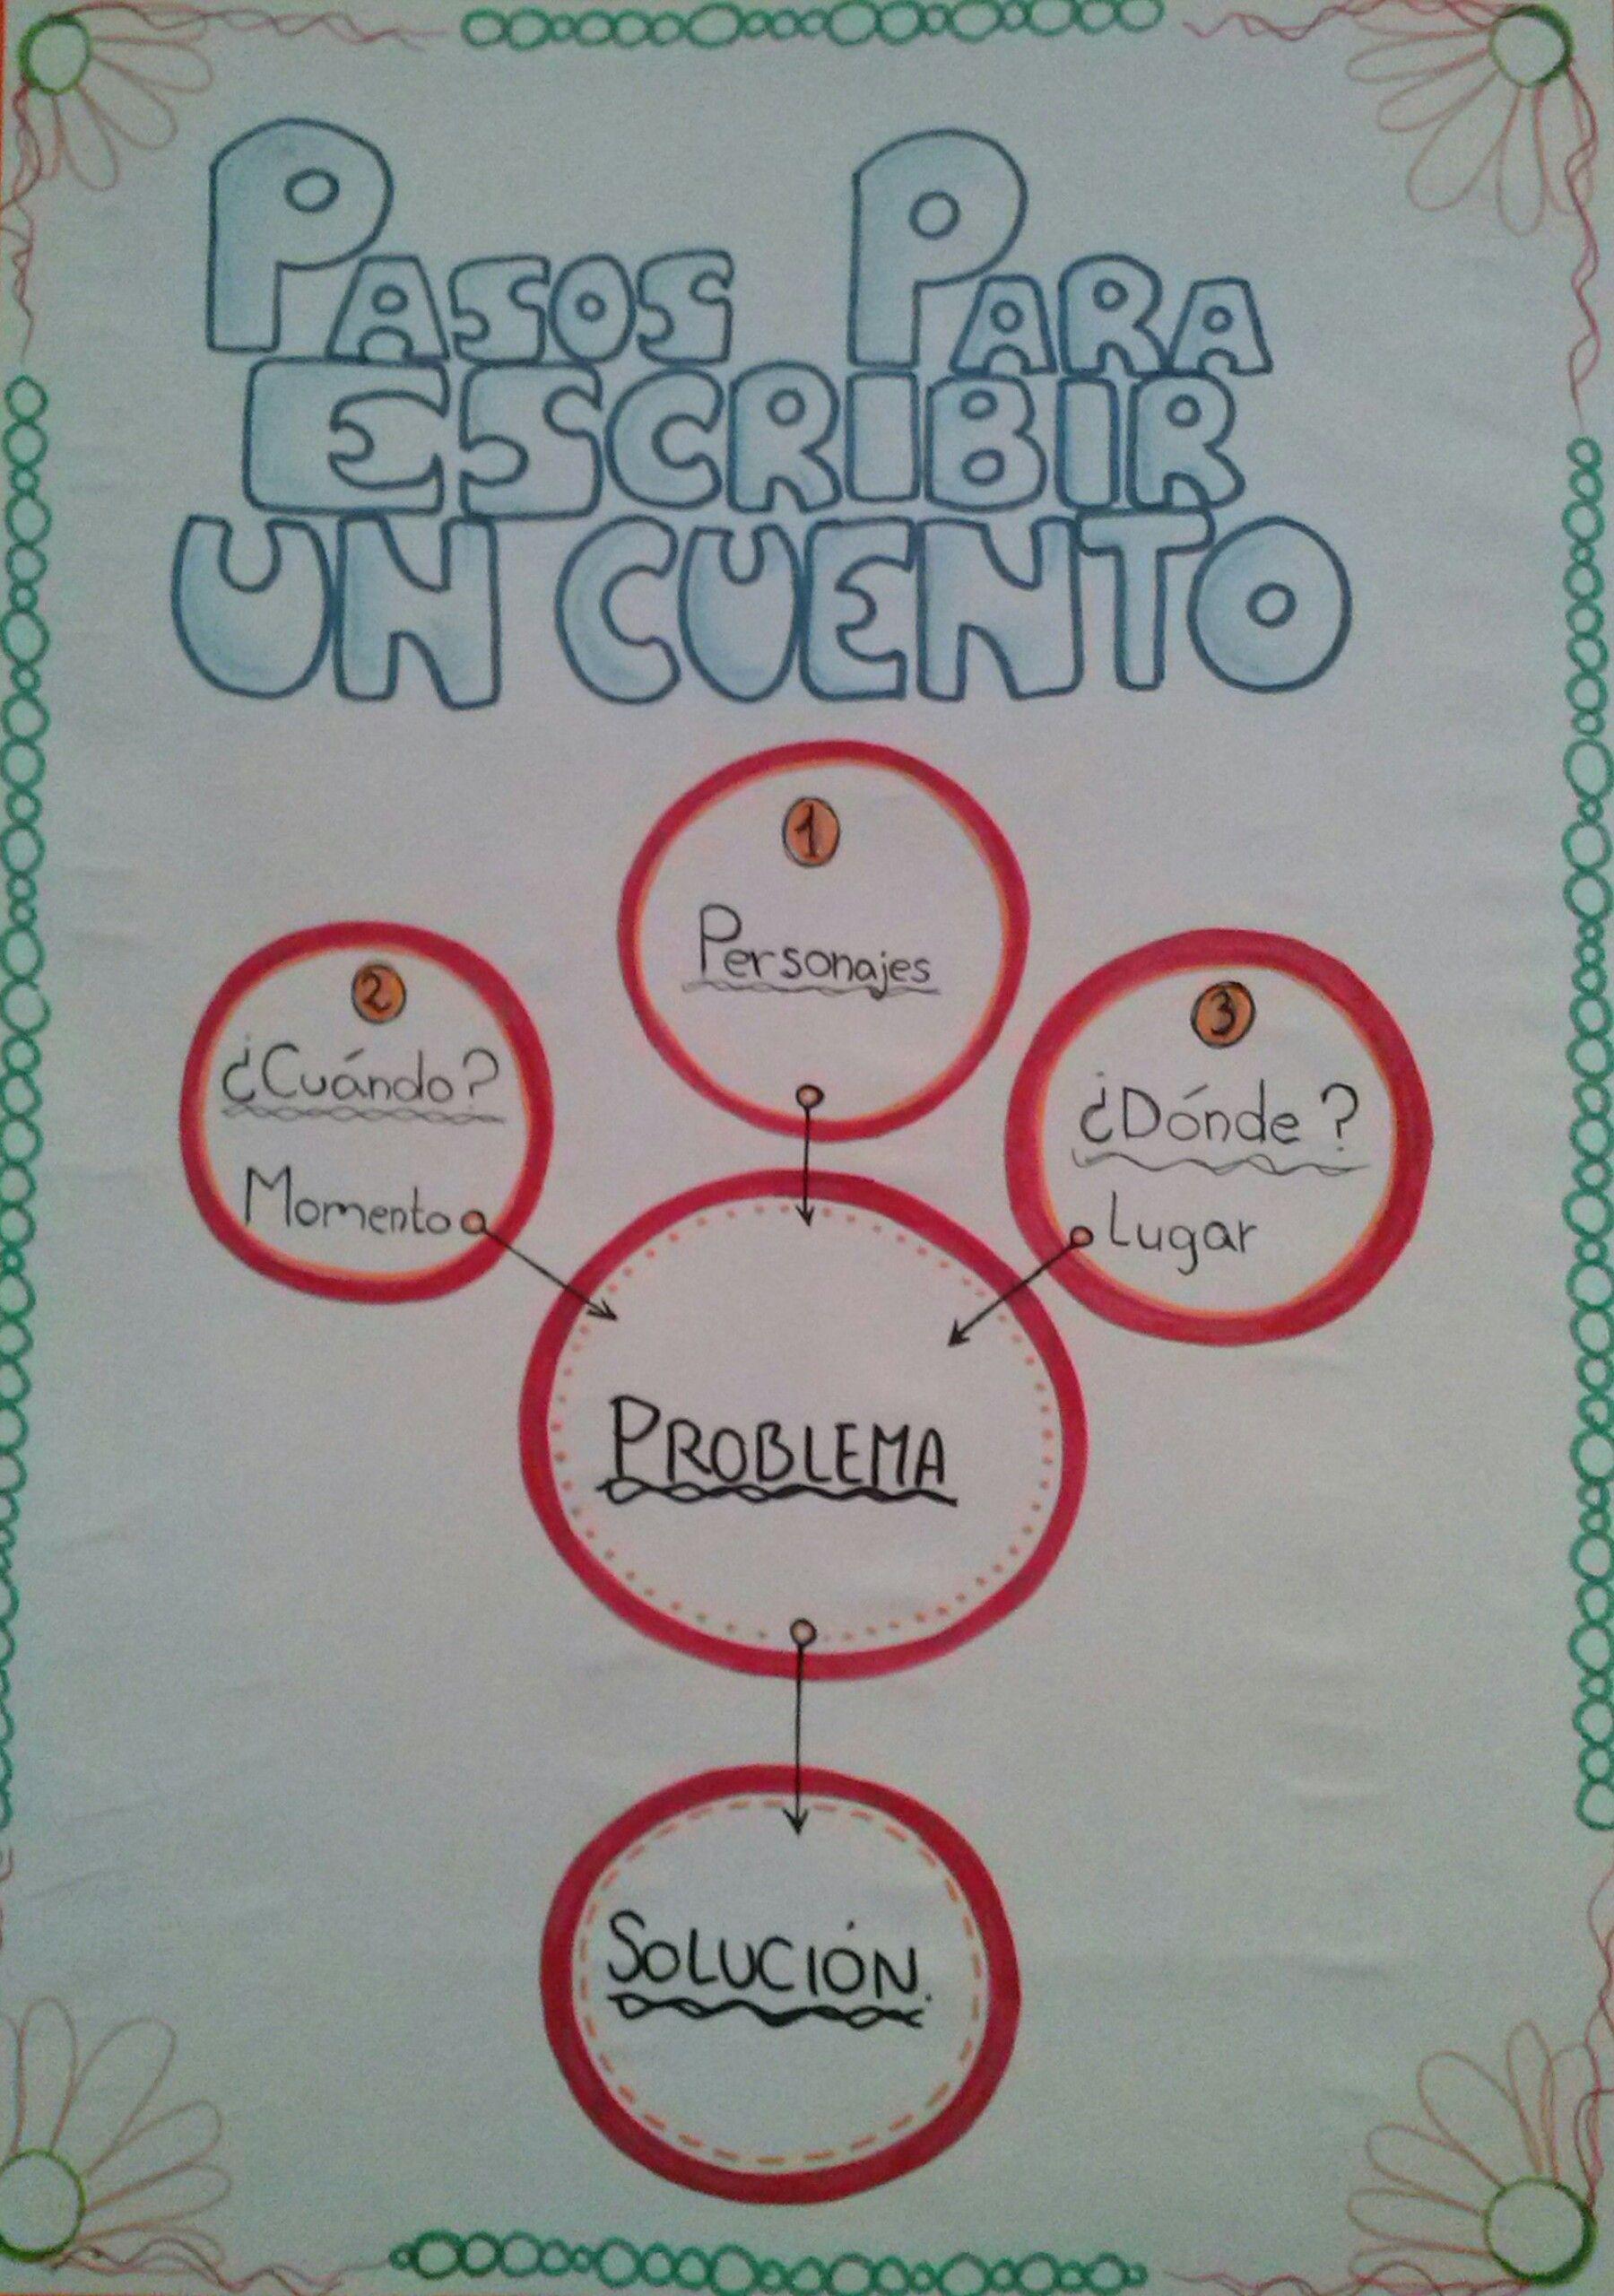 Pasos para escribir un cuento | Español | Pinterest | Spanish ...